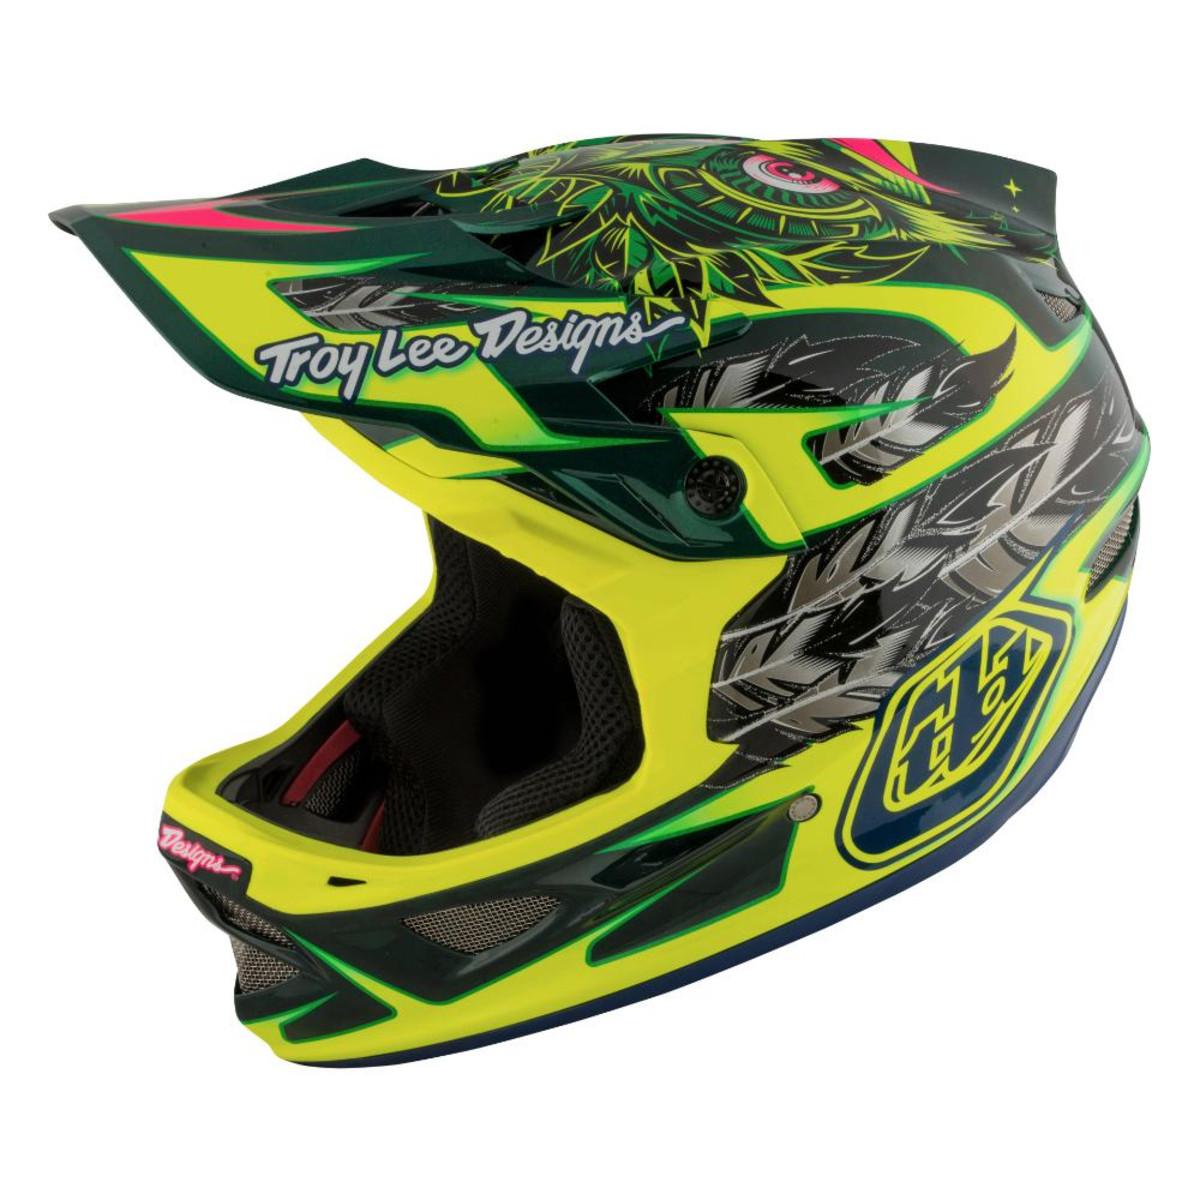 Troy Lee Designs Helmet >> D3 Carbon Helmet Mips Nightfall